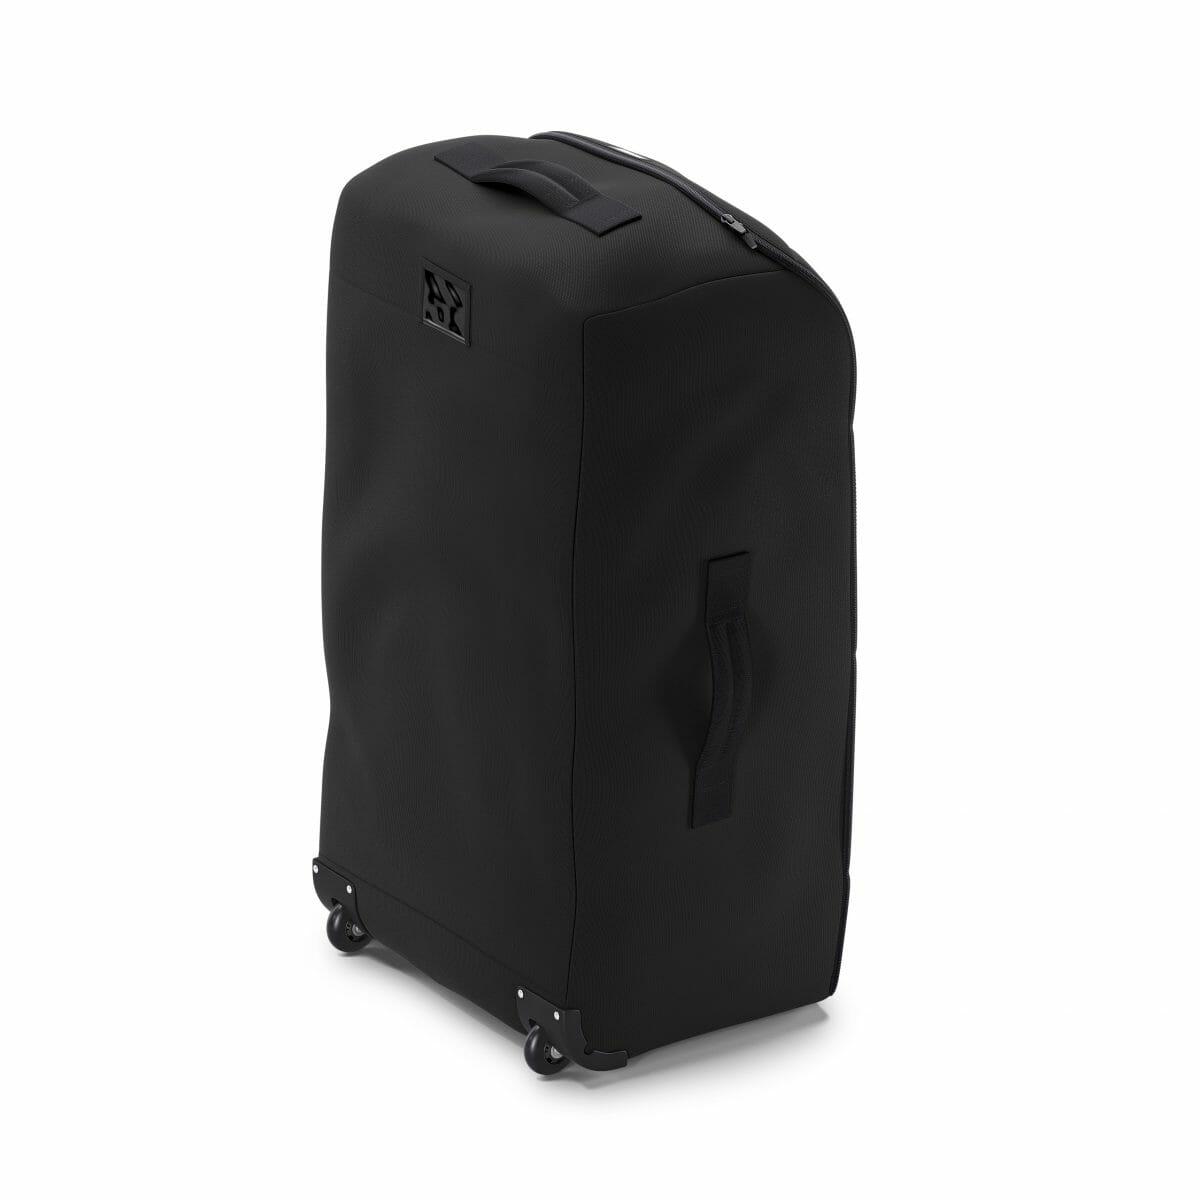 Thule Stroller Travel Bag Back